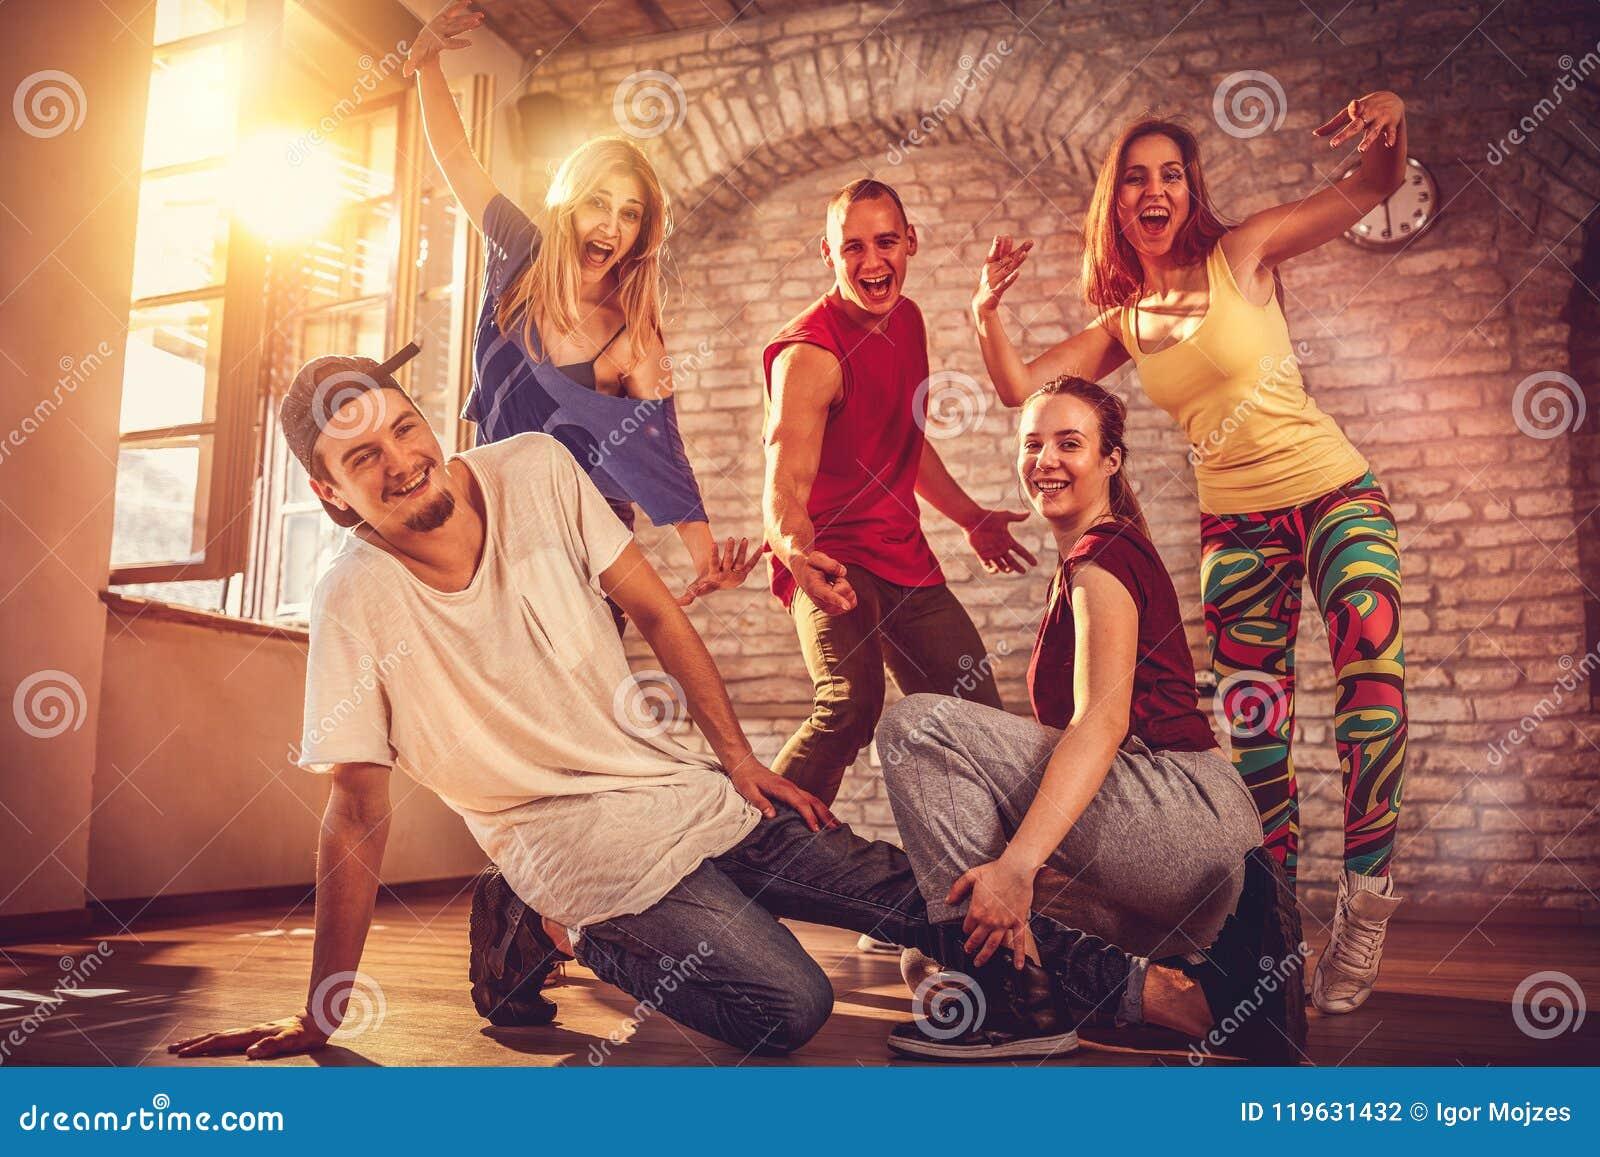 Тазобедренная концепция образа жизни хмеля - команда хмеля танцоров городская тазобедренная